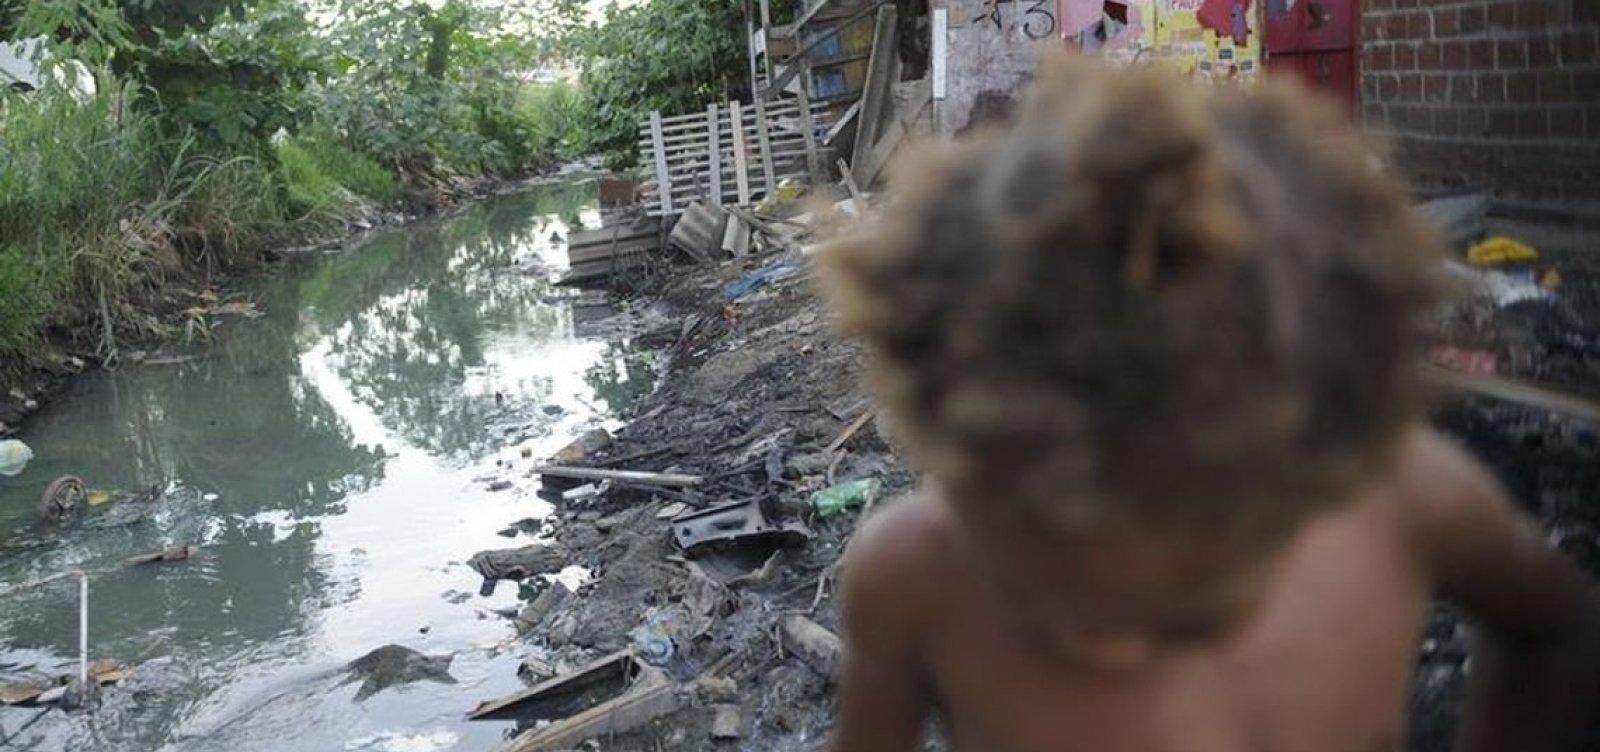 [Quase metade da população baiana não tem acesso a saneamento básico, diz IBGE]